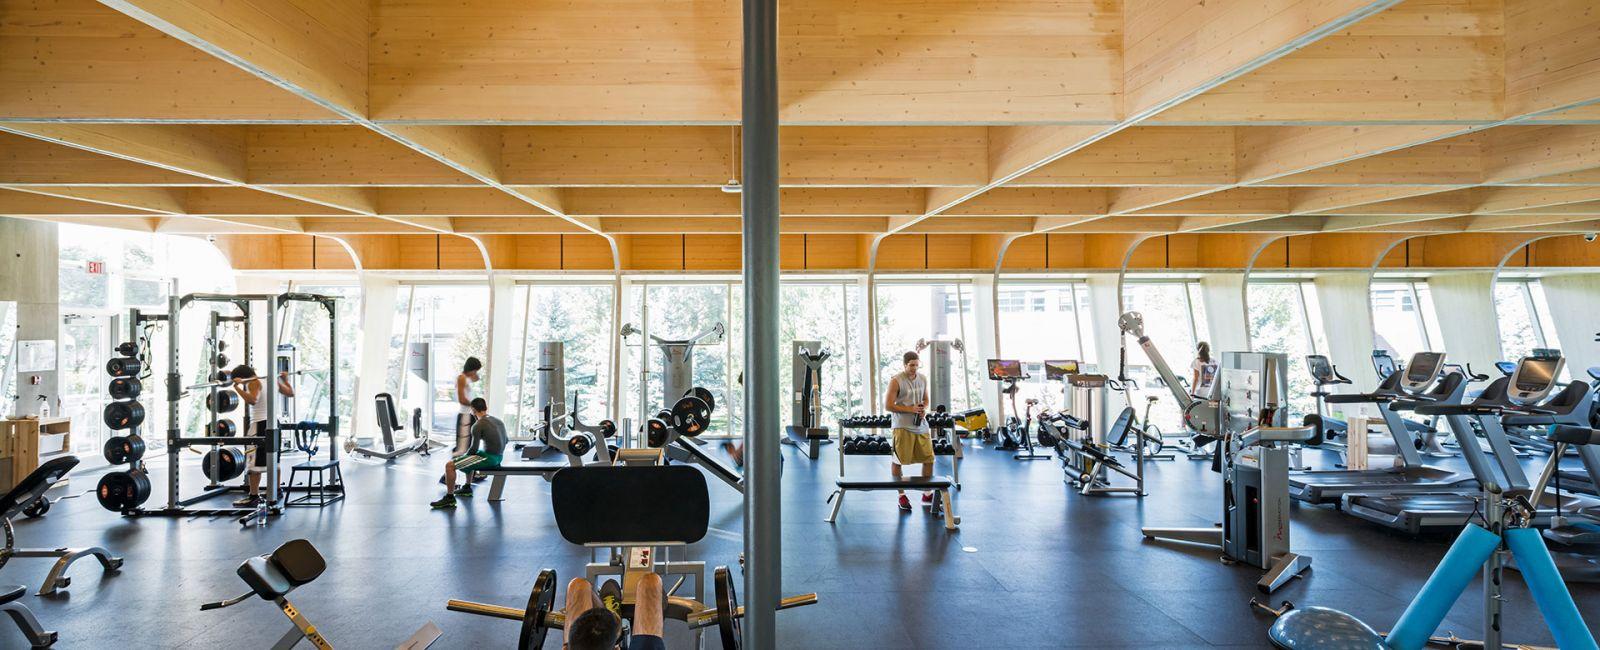 UBCO Recreation